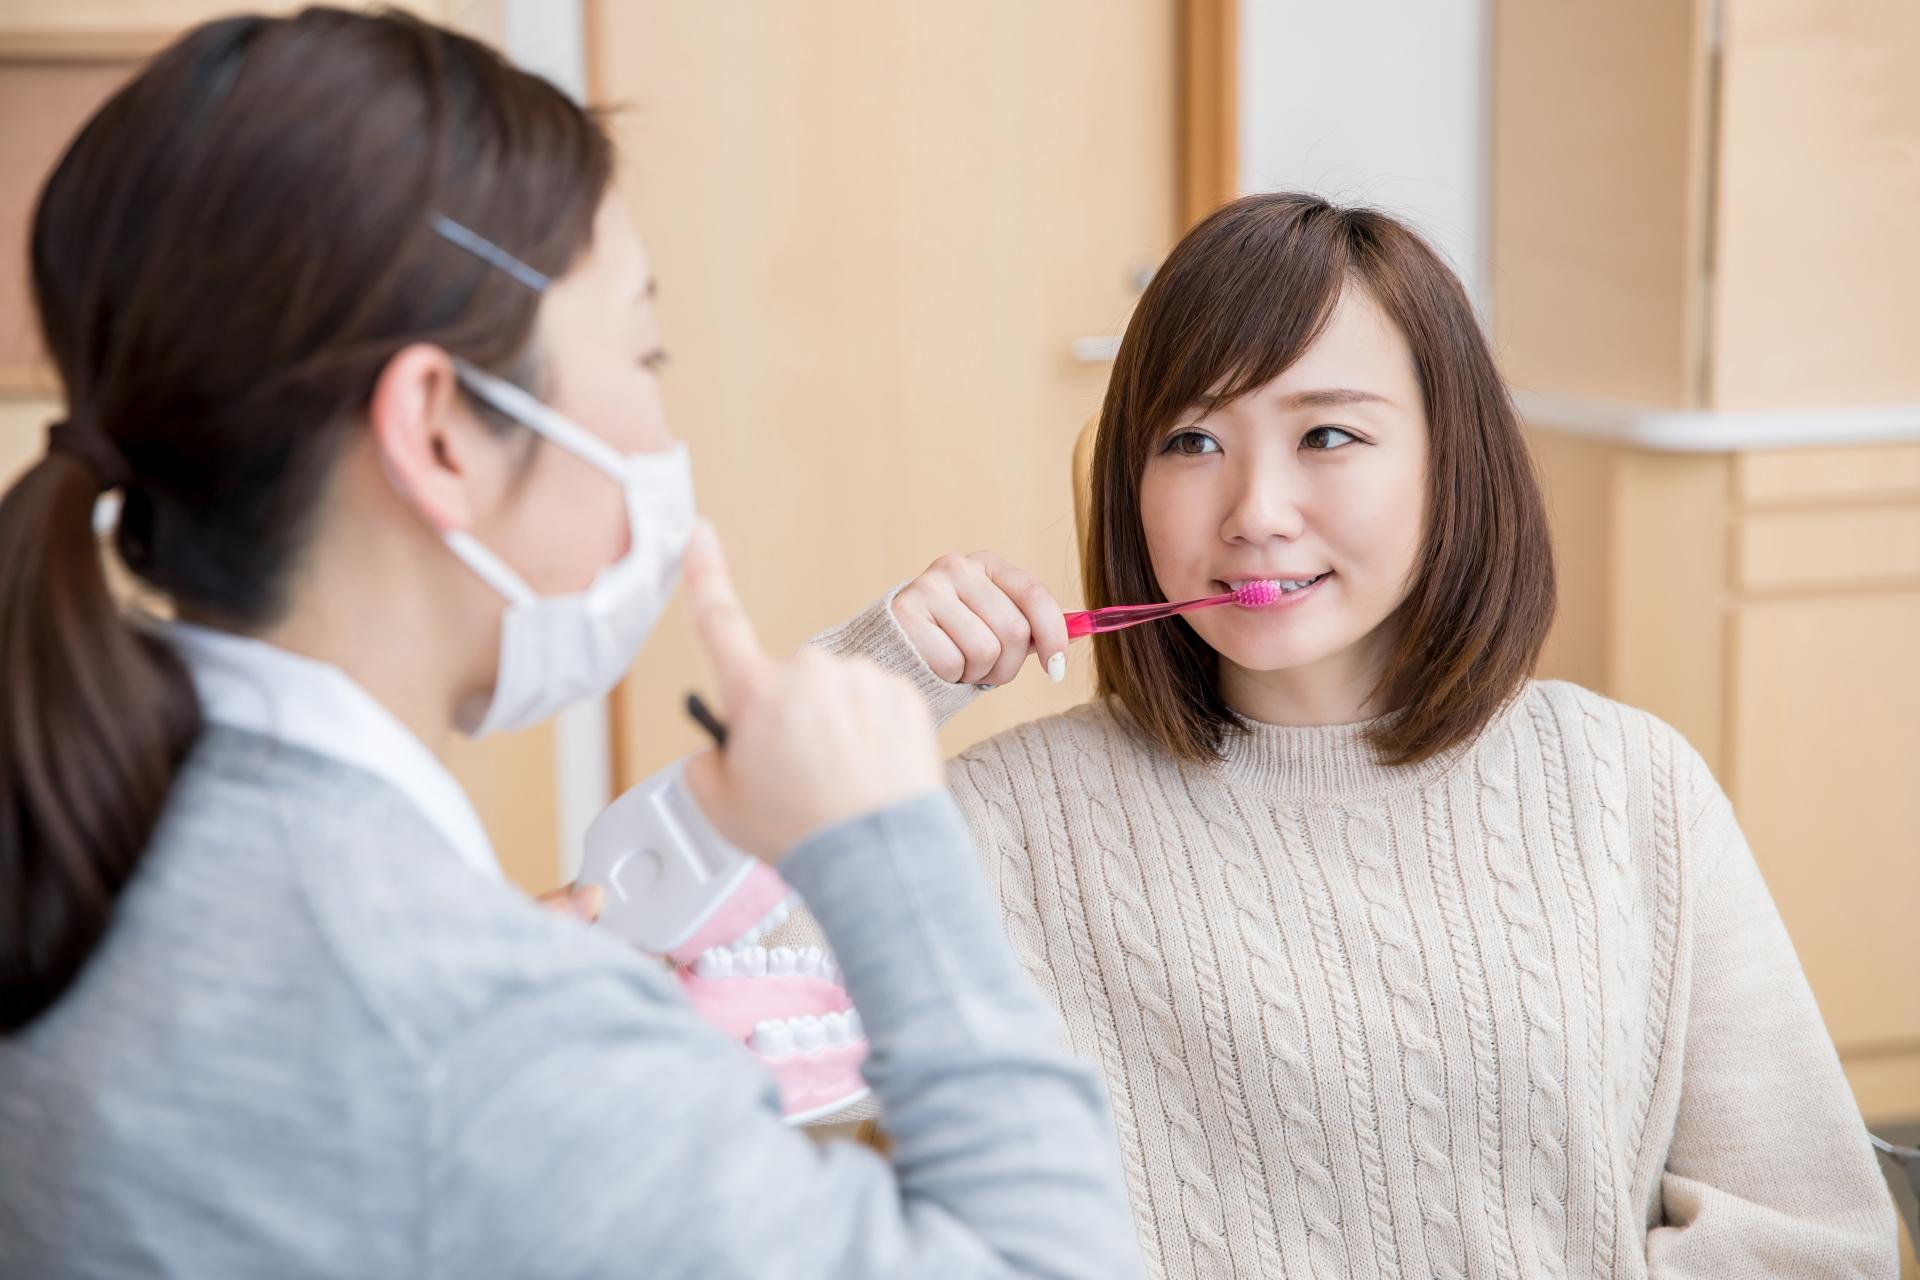 歯磨きの指導を受ける女性